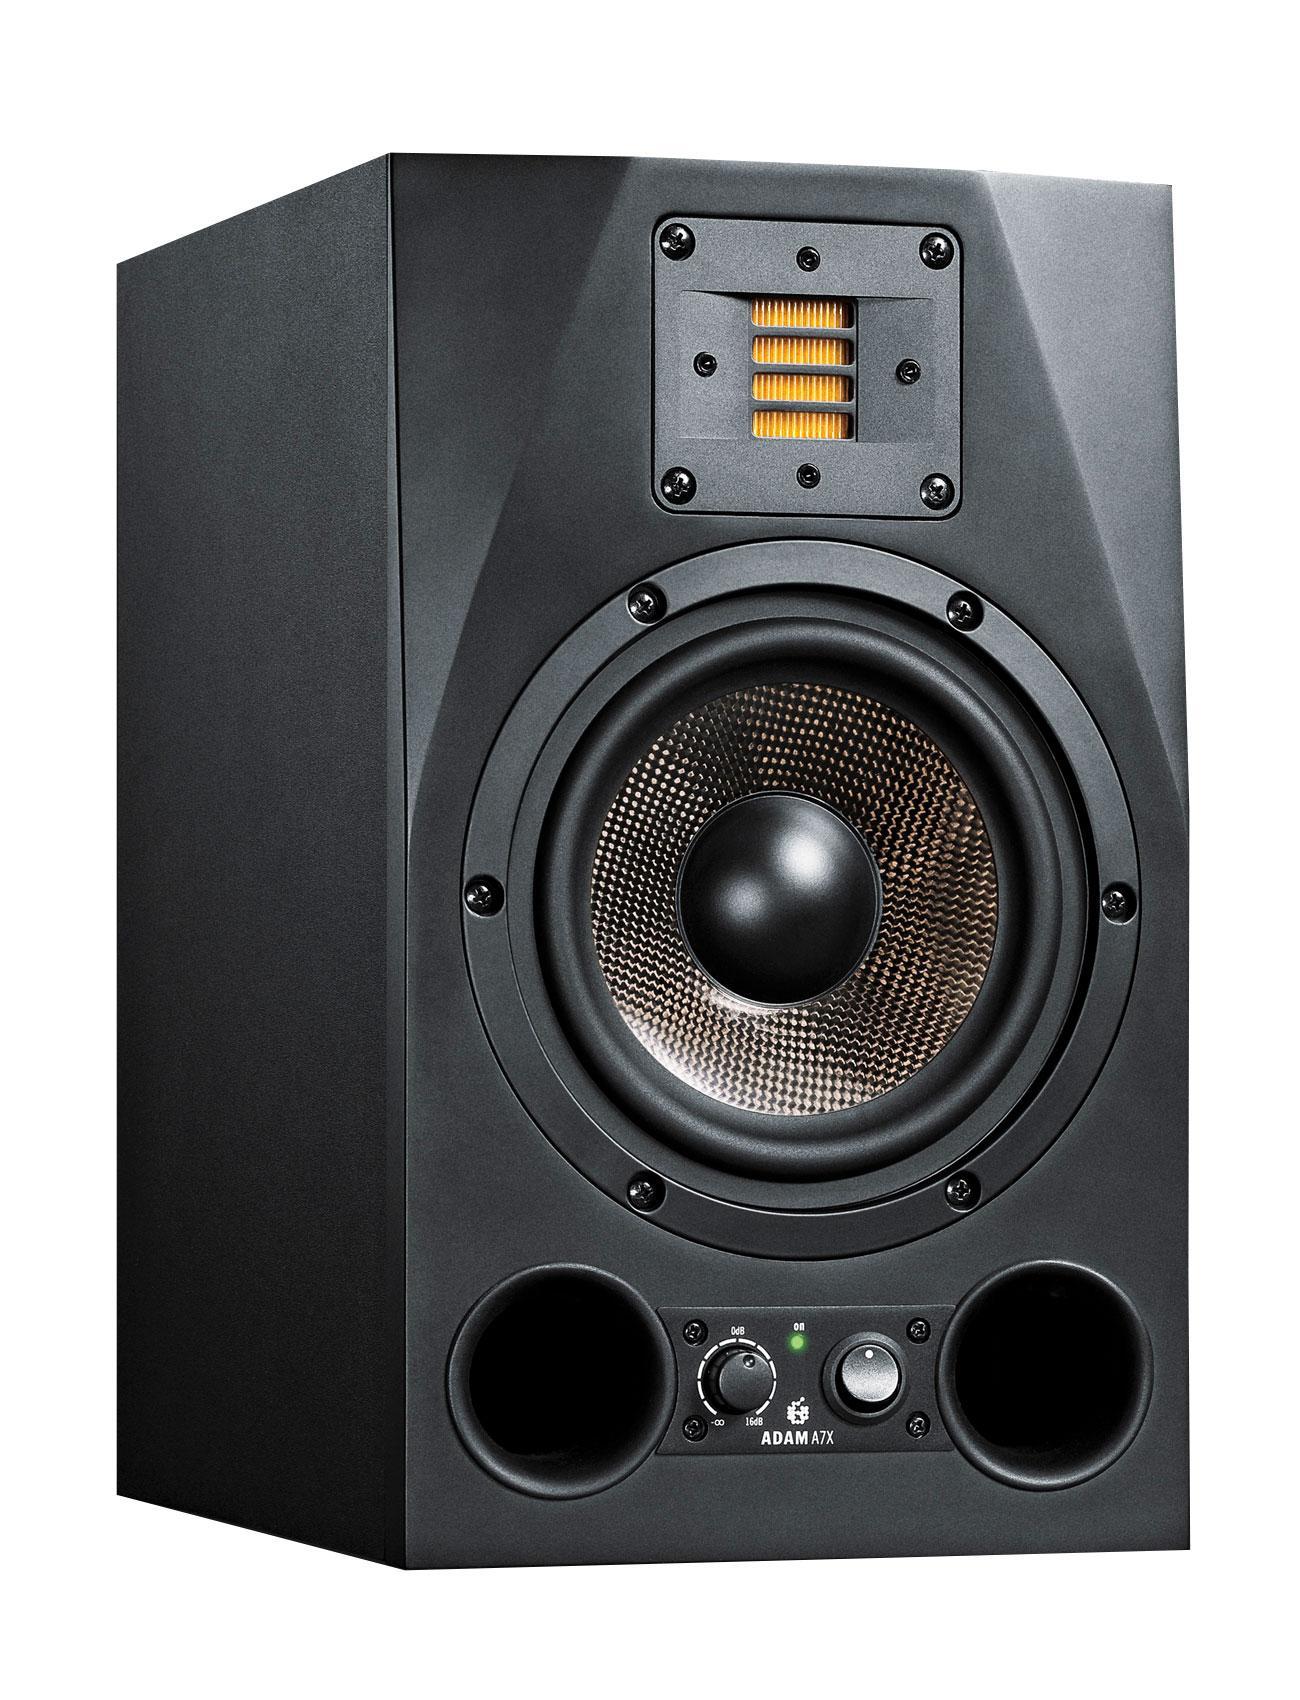 Studiomonitore - Adam Audio A7X - Onlineshop Musikhaus Kirstein